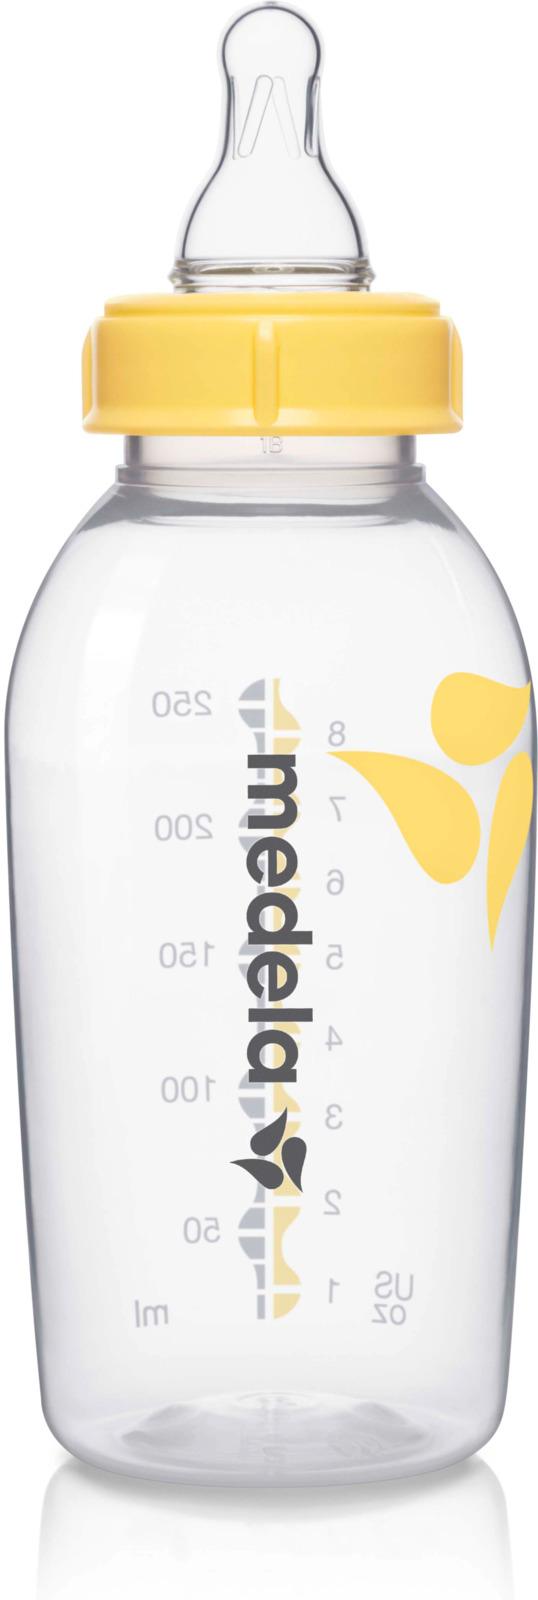 Бутылочка-контейнер Medela для сбора грудного молока, 250 мл бутылочки medela бутылочка medela с силиконовой соской с рождения 150 мл